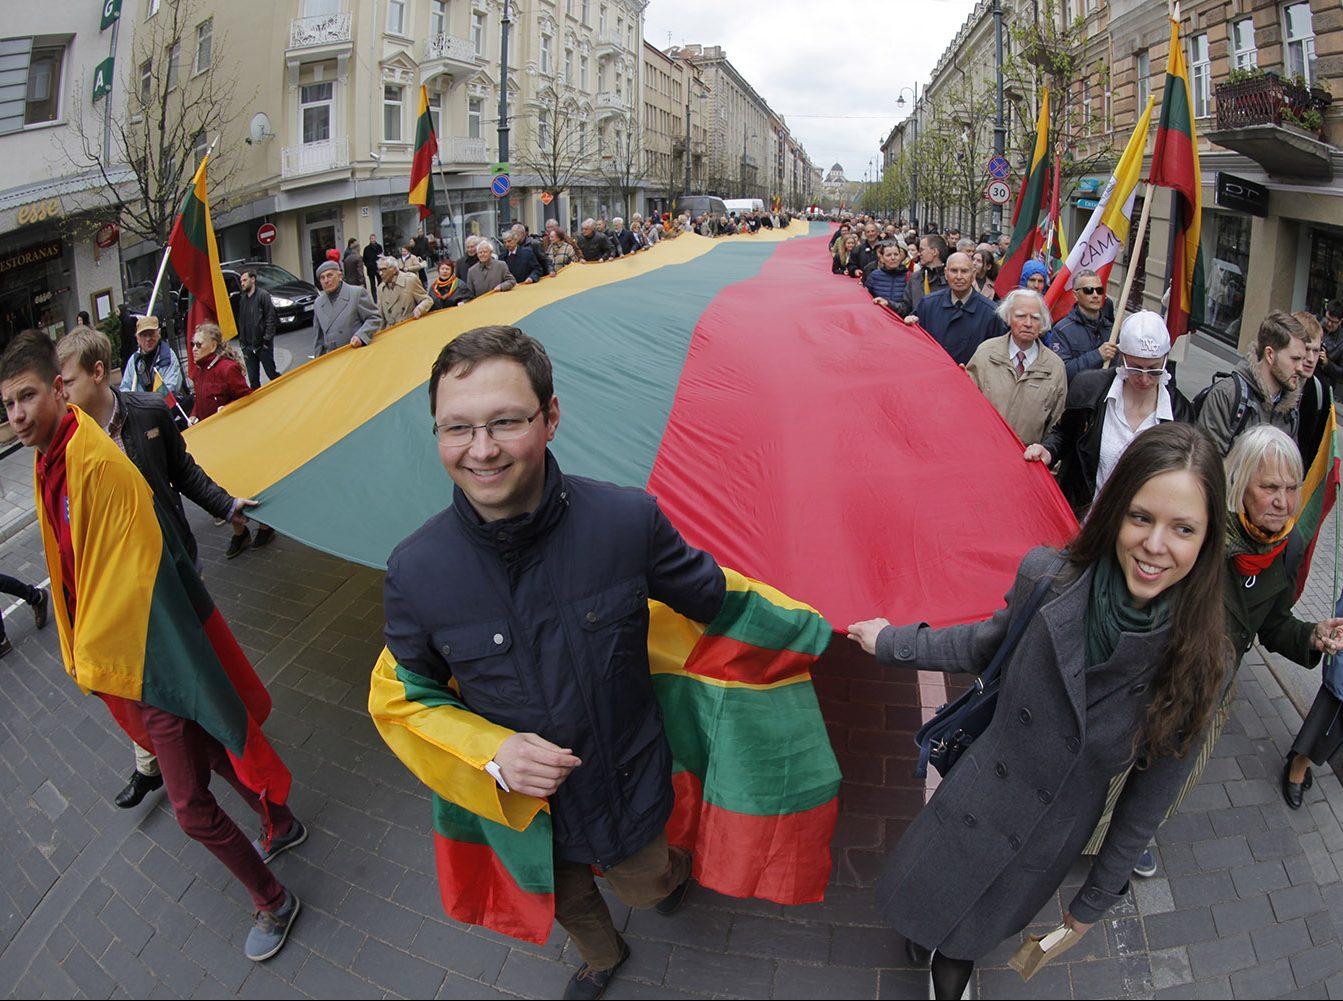 """""""Tautos forumas"""", pagerbdamas trispalvės 100 metų sukaktį, protestuoja prieš Lietuvos ištautinimą bei išvalstybinimą   Alkas.lt, V. Daraškevičiaus nuotr."""